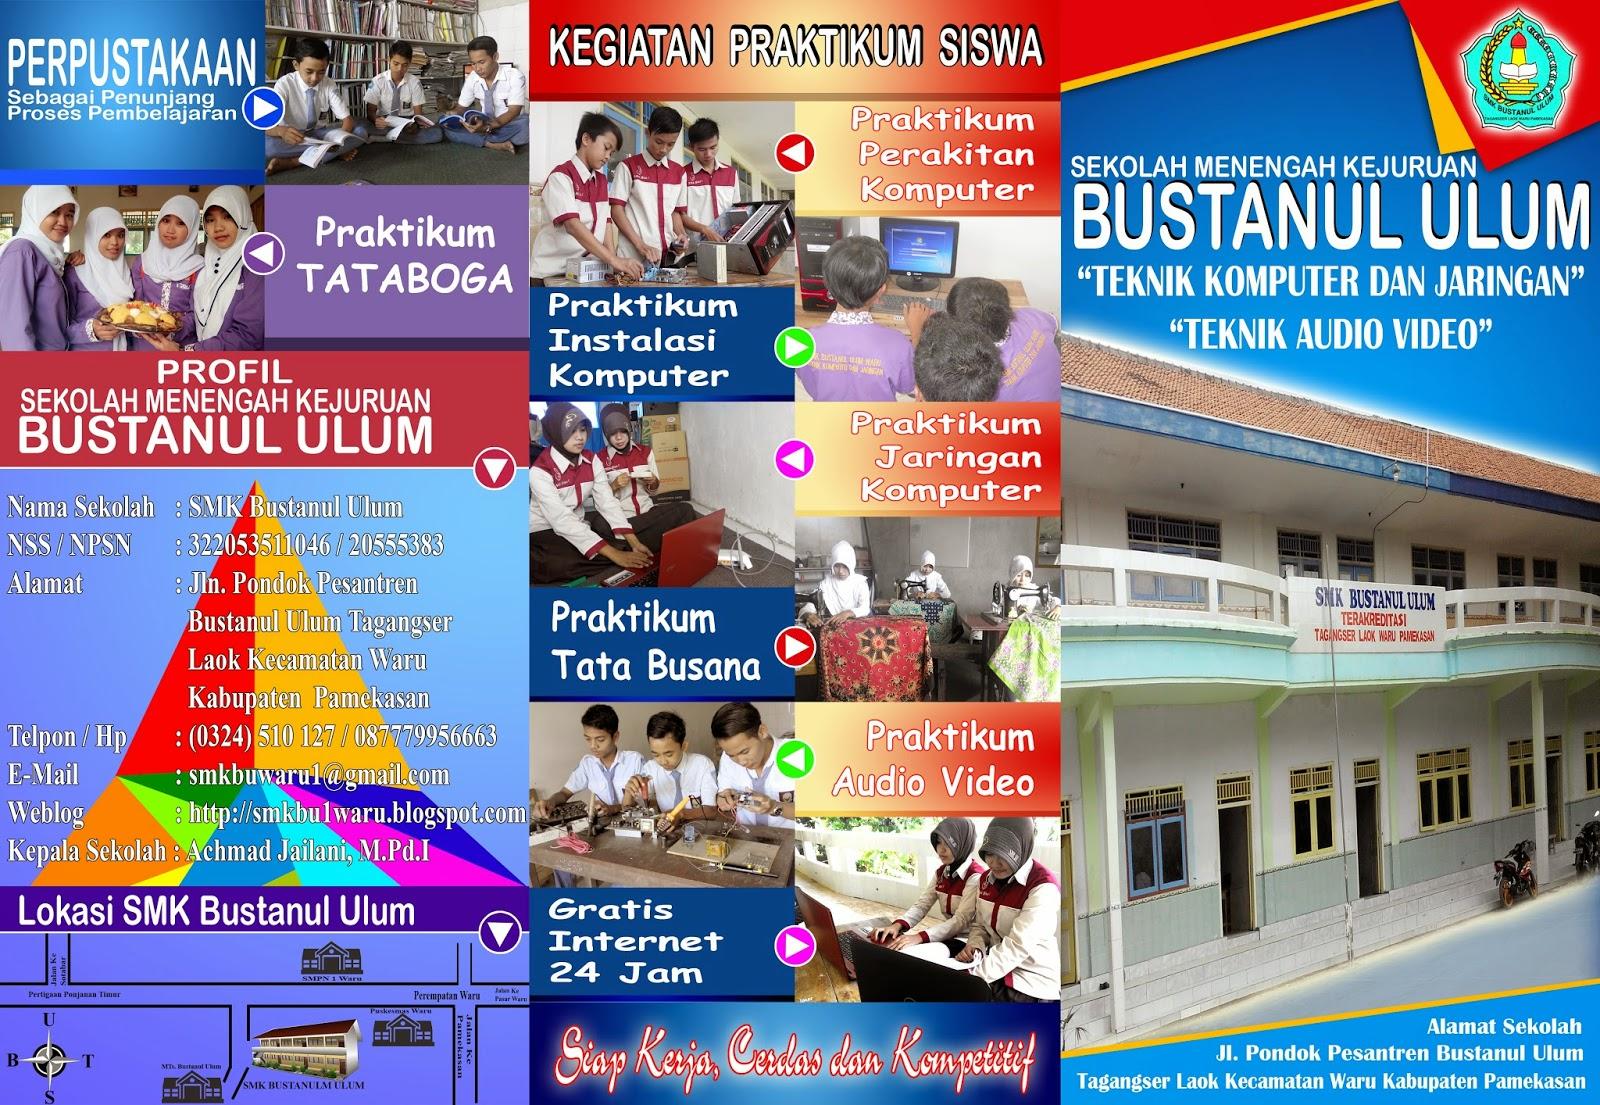 Telah dibuka pendafatar peserta didik baru tahun 2015/2016 Sekolah Memenengah Kejuruan (SMK) Bustanul Ulum Tahun pelajaran 2015/2016